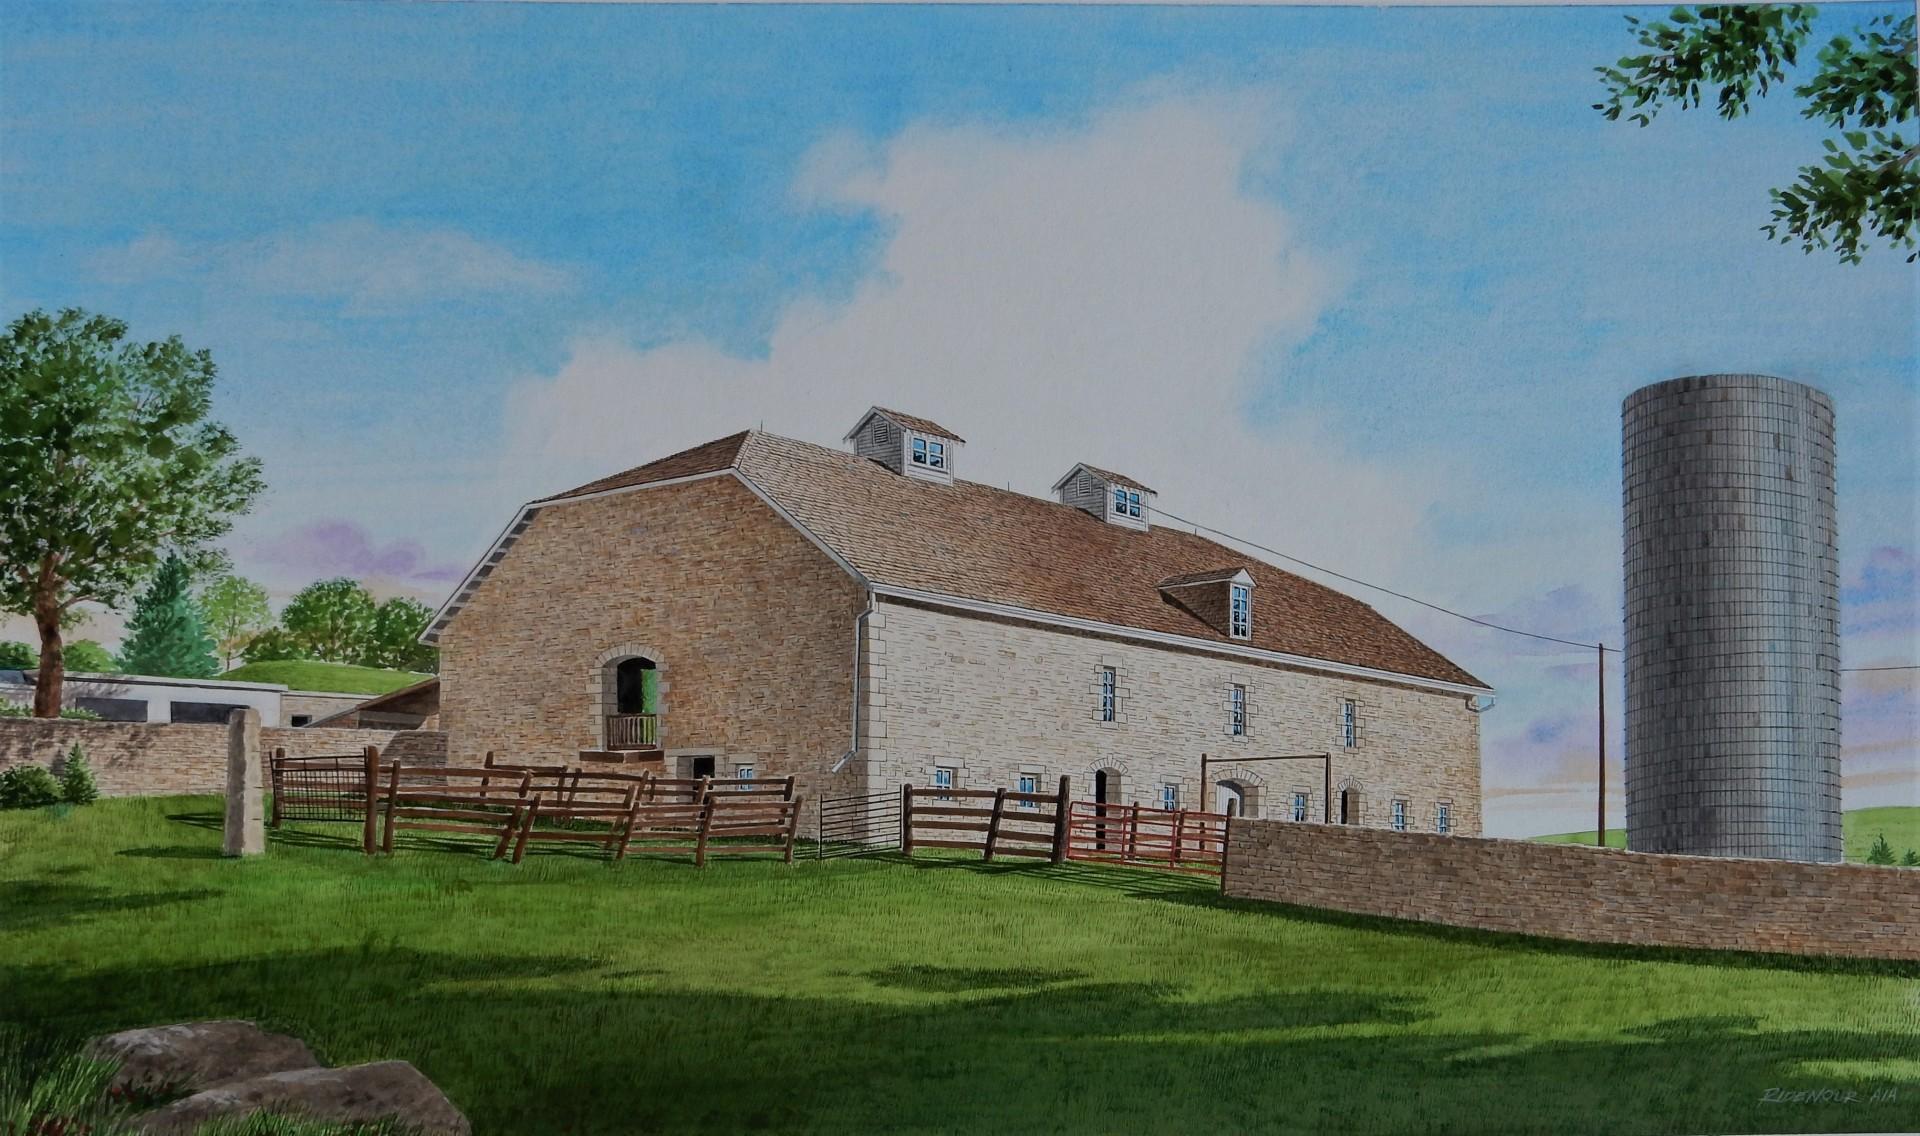 d11_8108473_hague-ranch